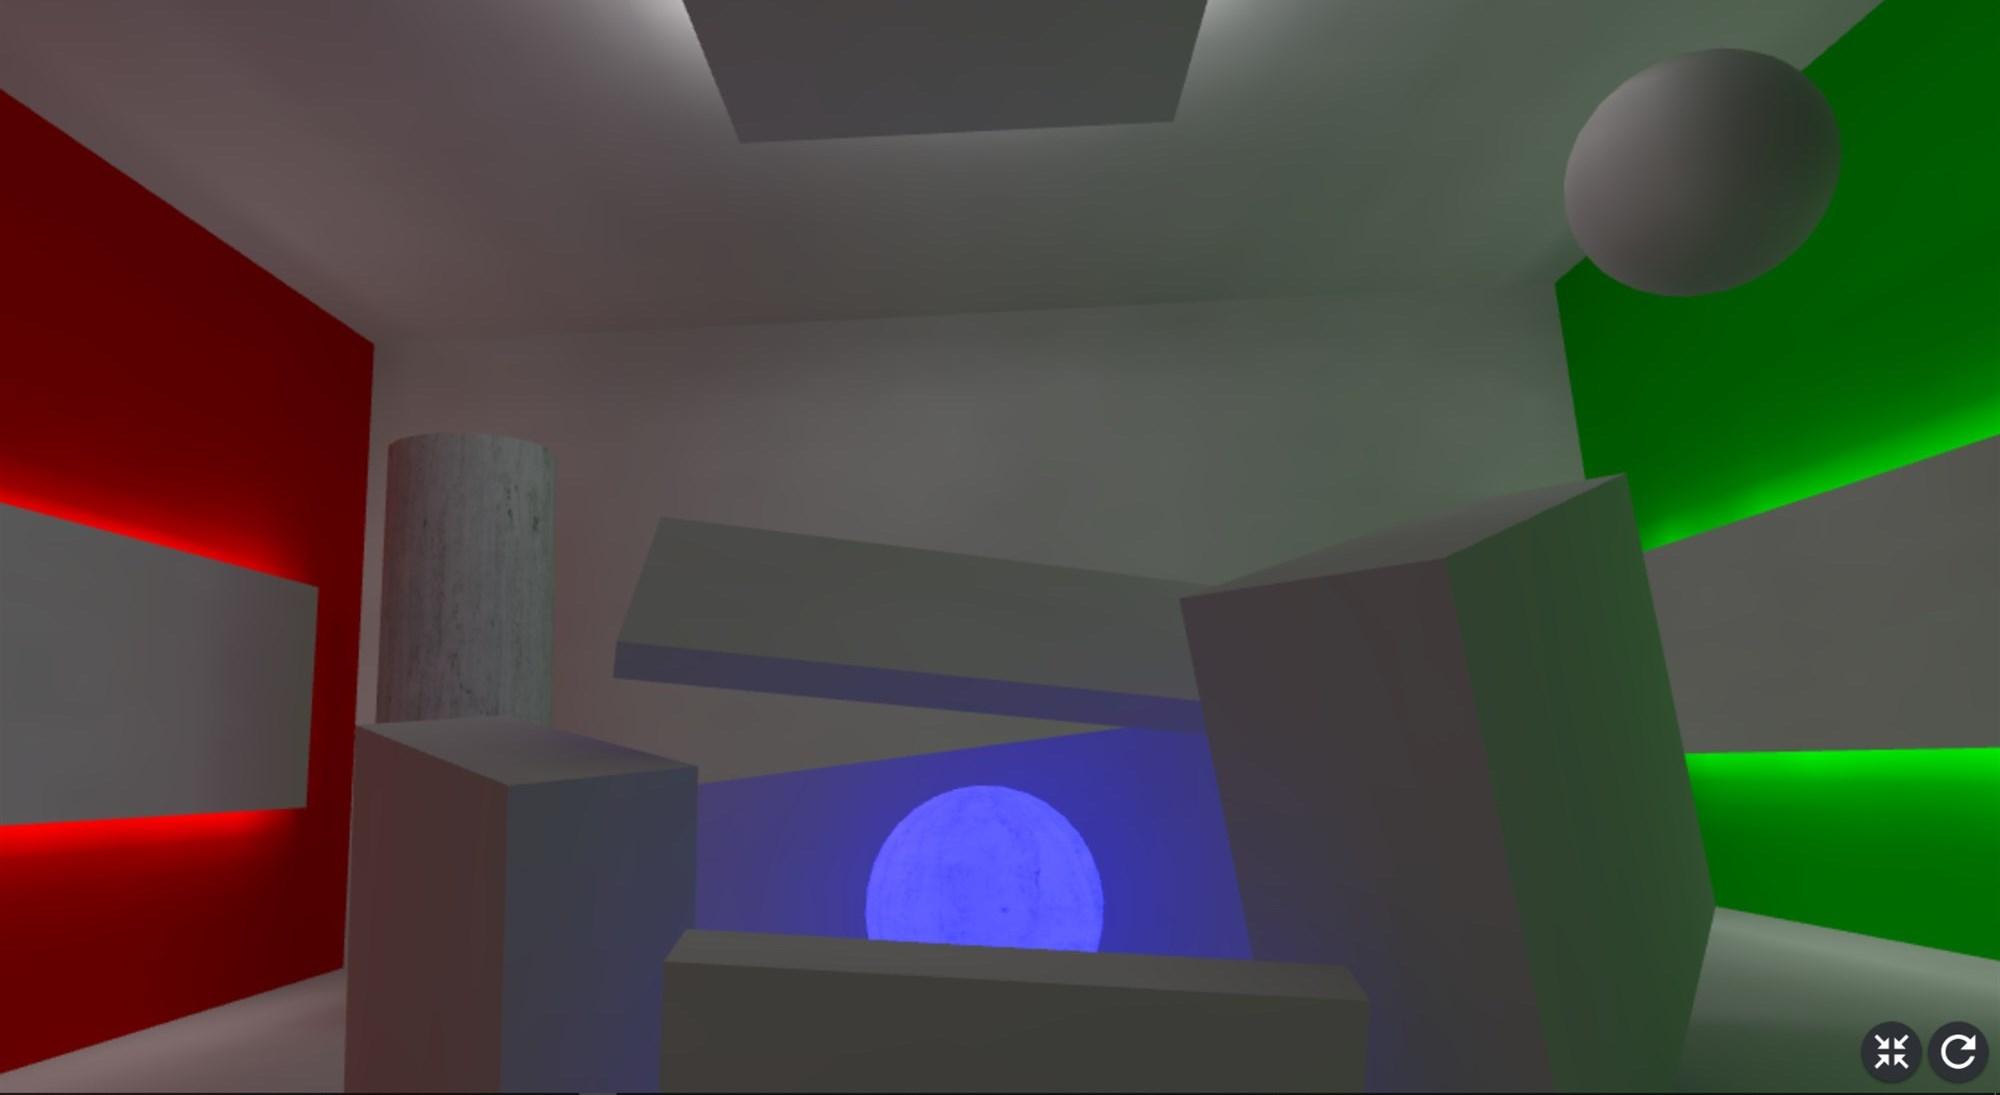 GIで間接光を効かせた部屋